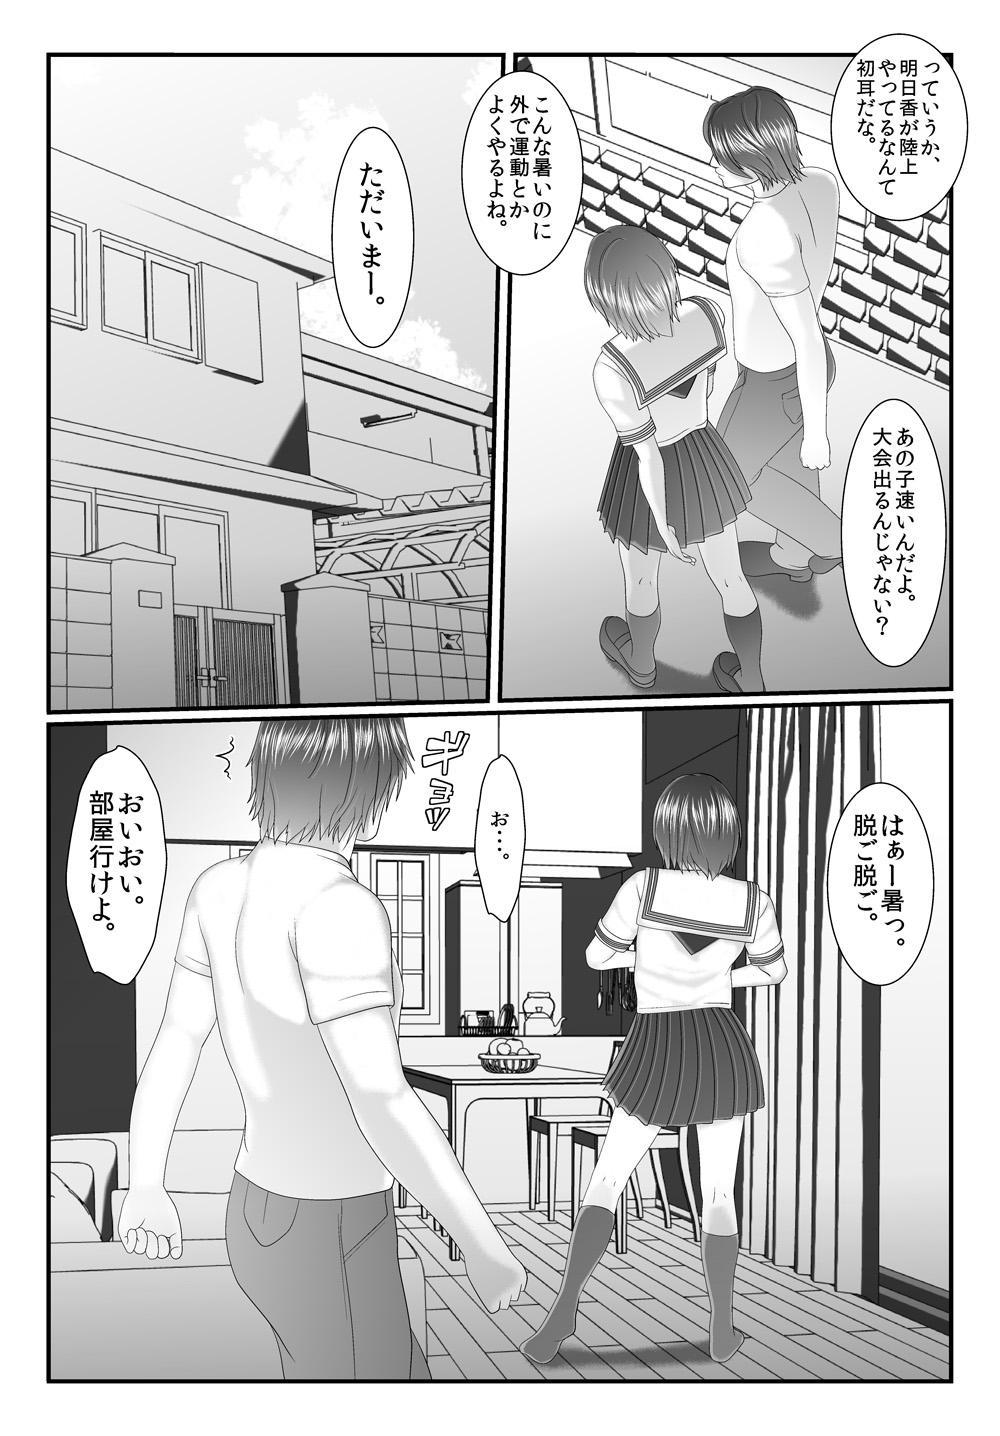 Ore no Juumai ga Razoku de Komaru - Ero Juukei × Juumai 12